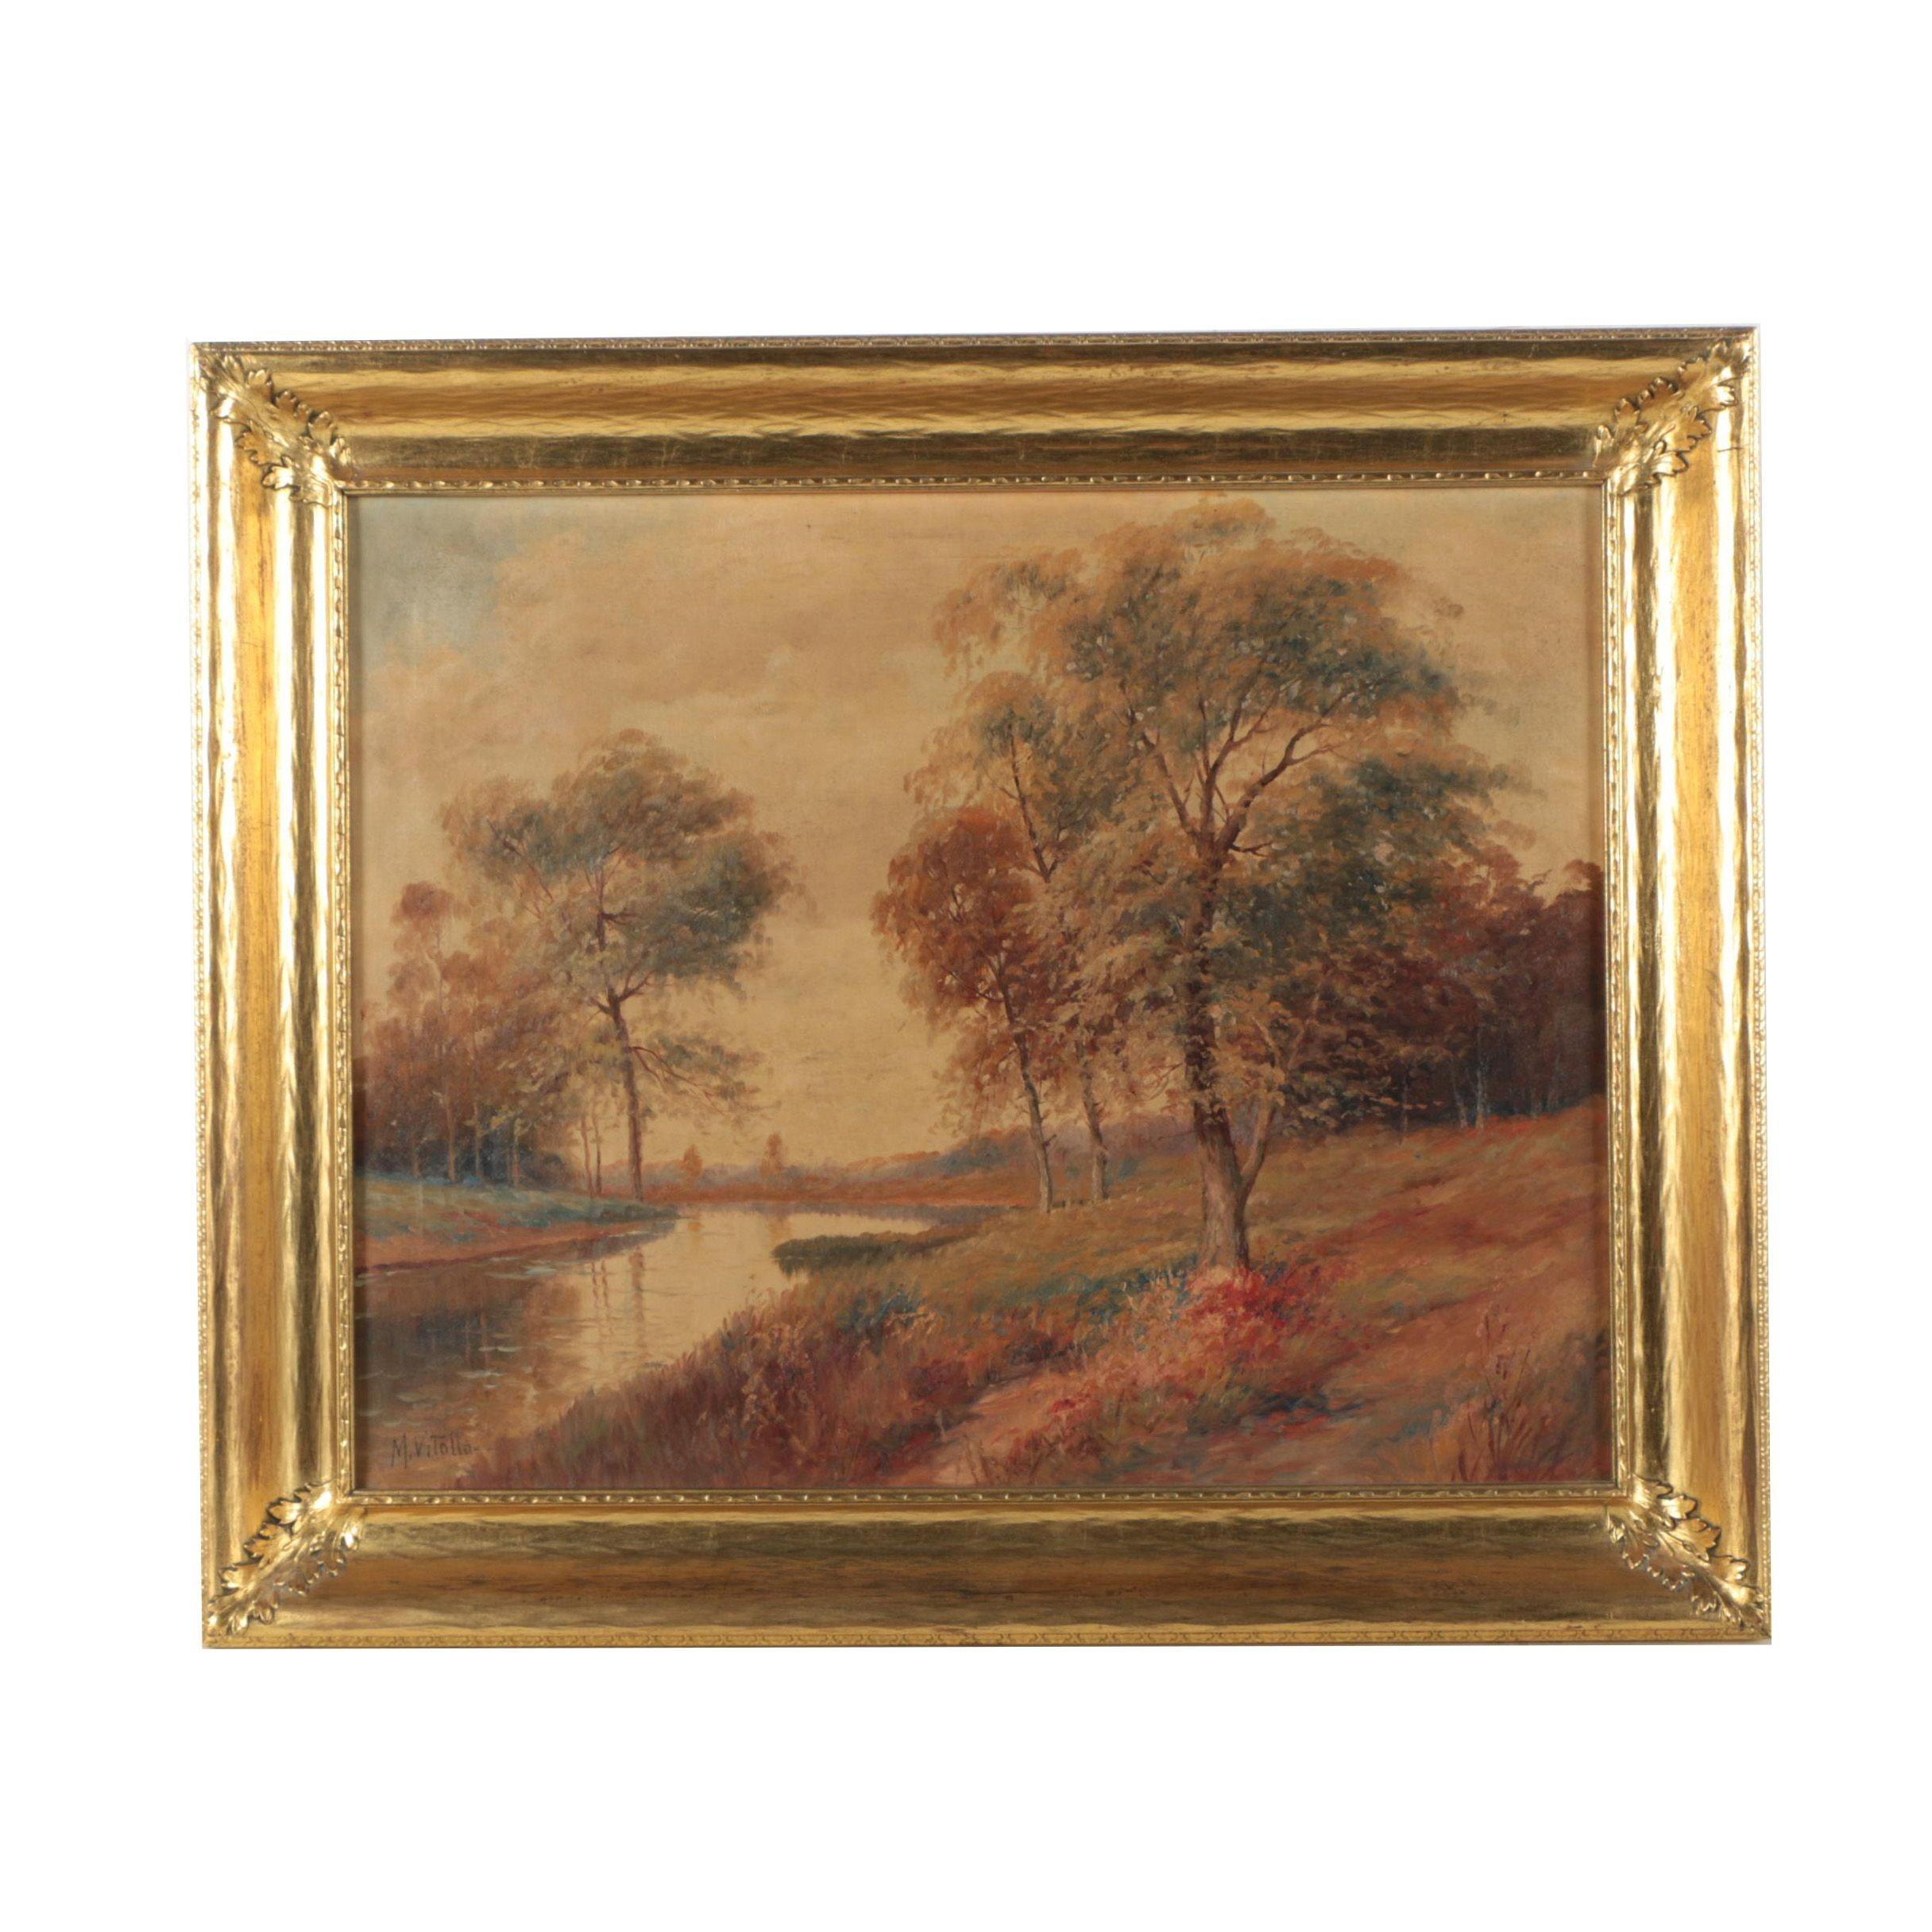 M. Vitollo Oil Painting